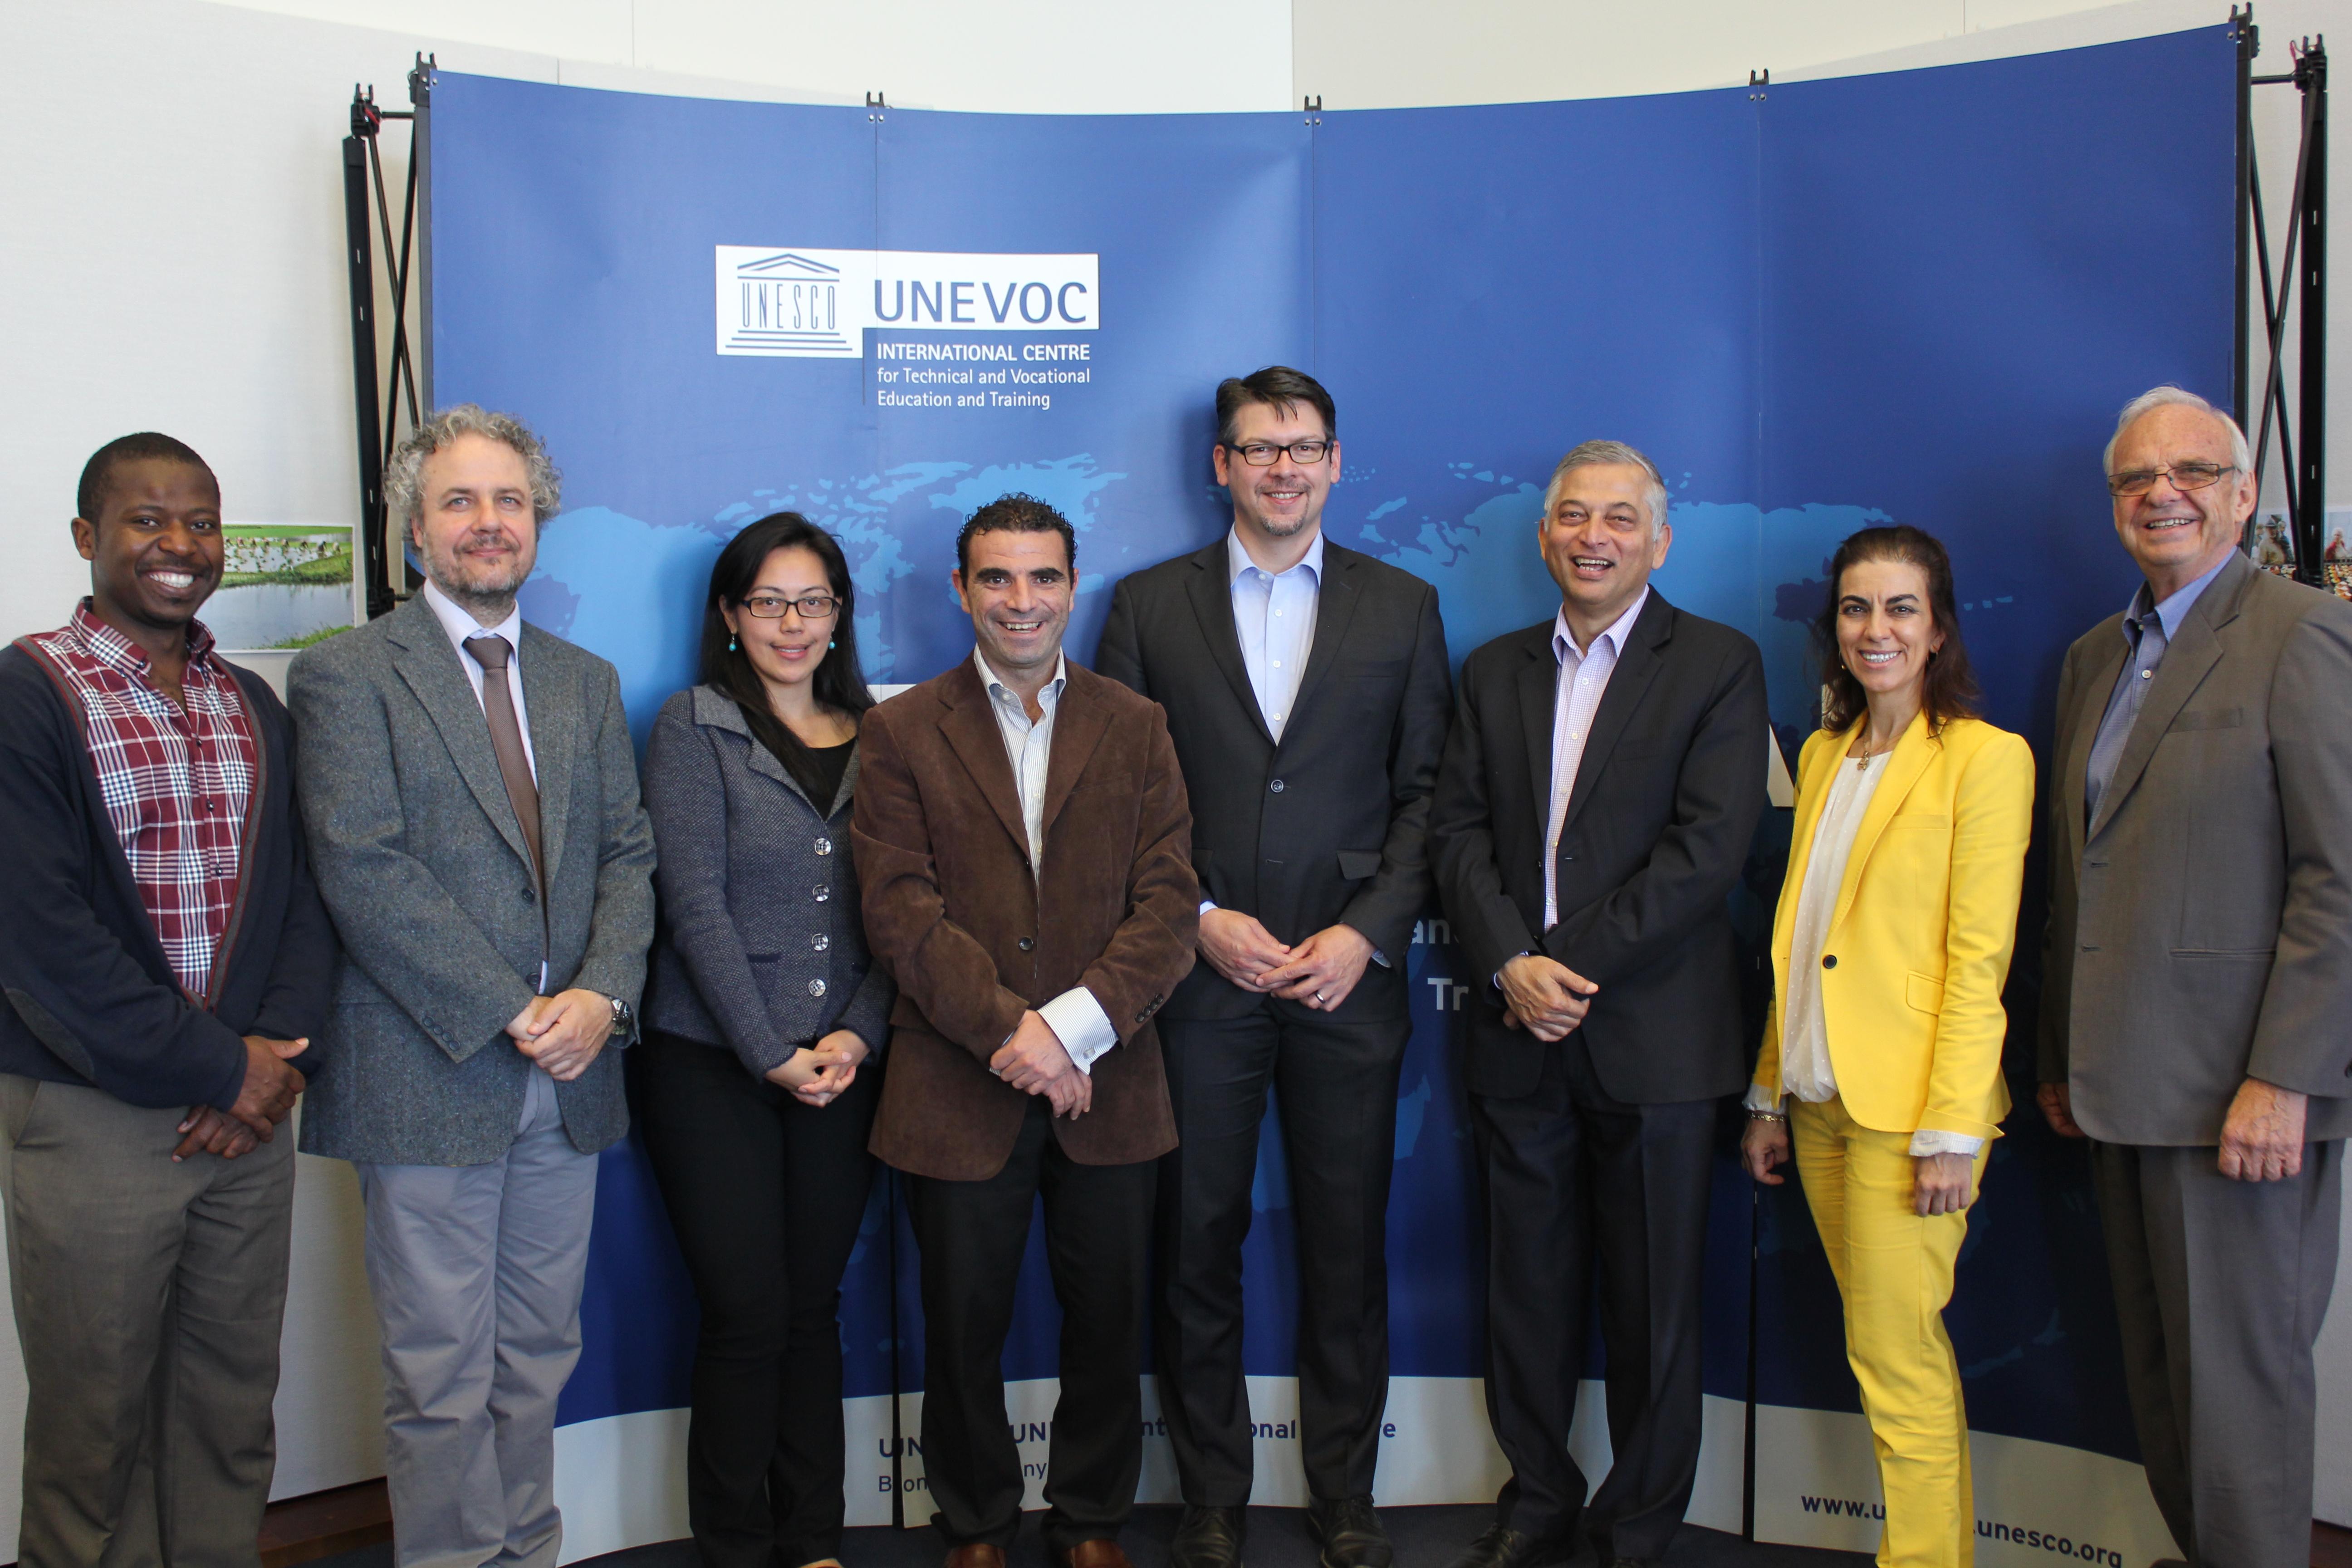 UNESCO/UNEVOC